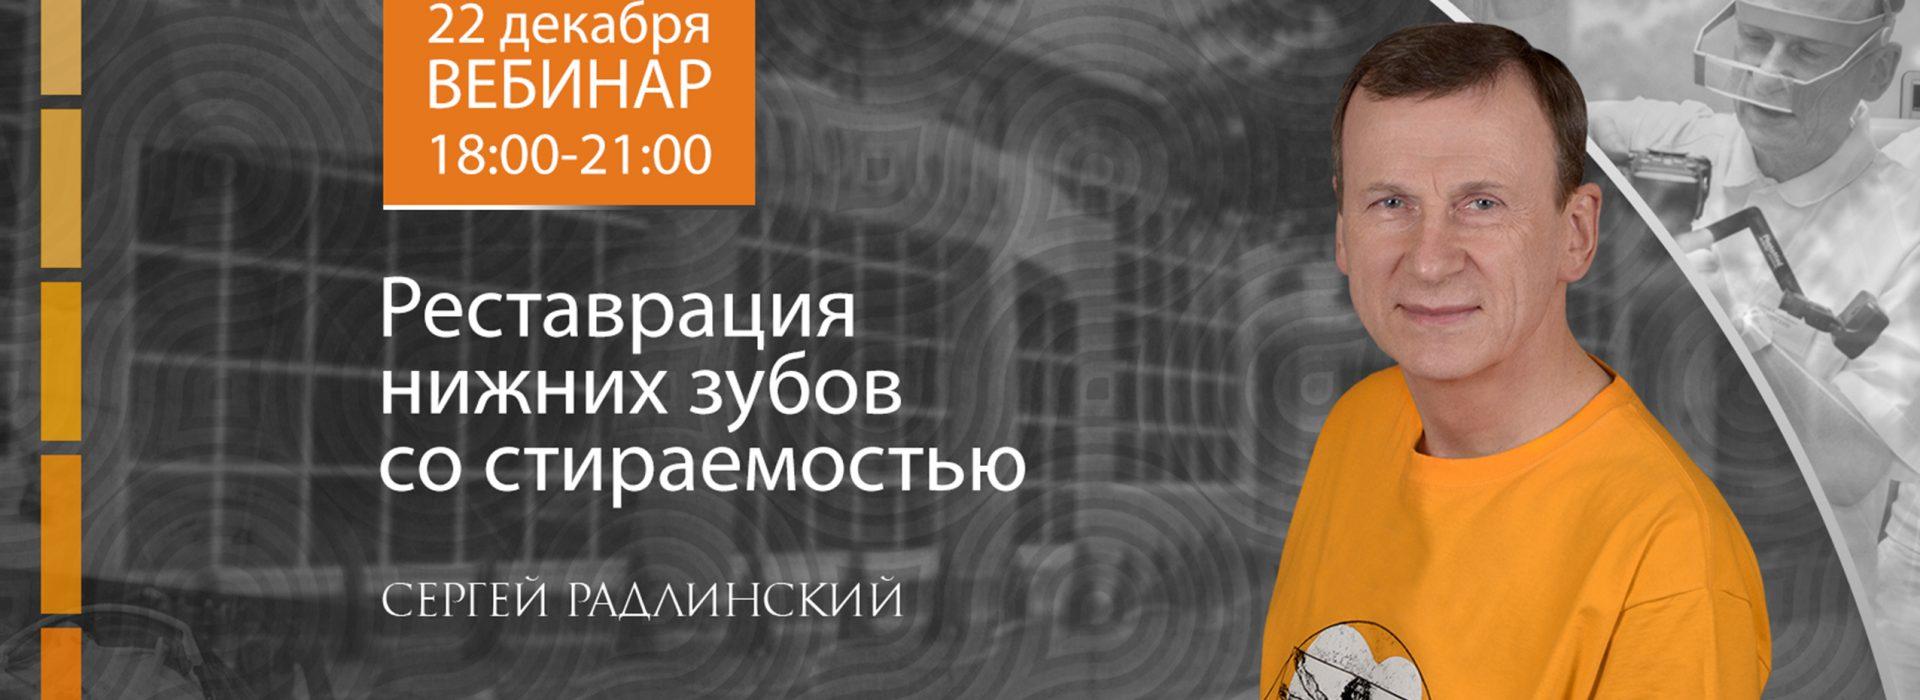 Вебинар Сергея Радлинского 22 декабря 18:00